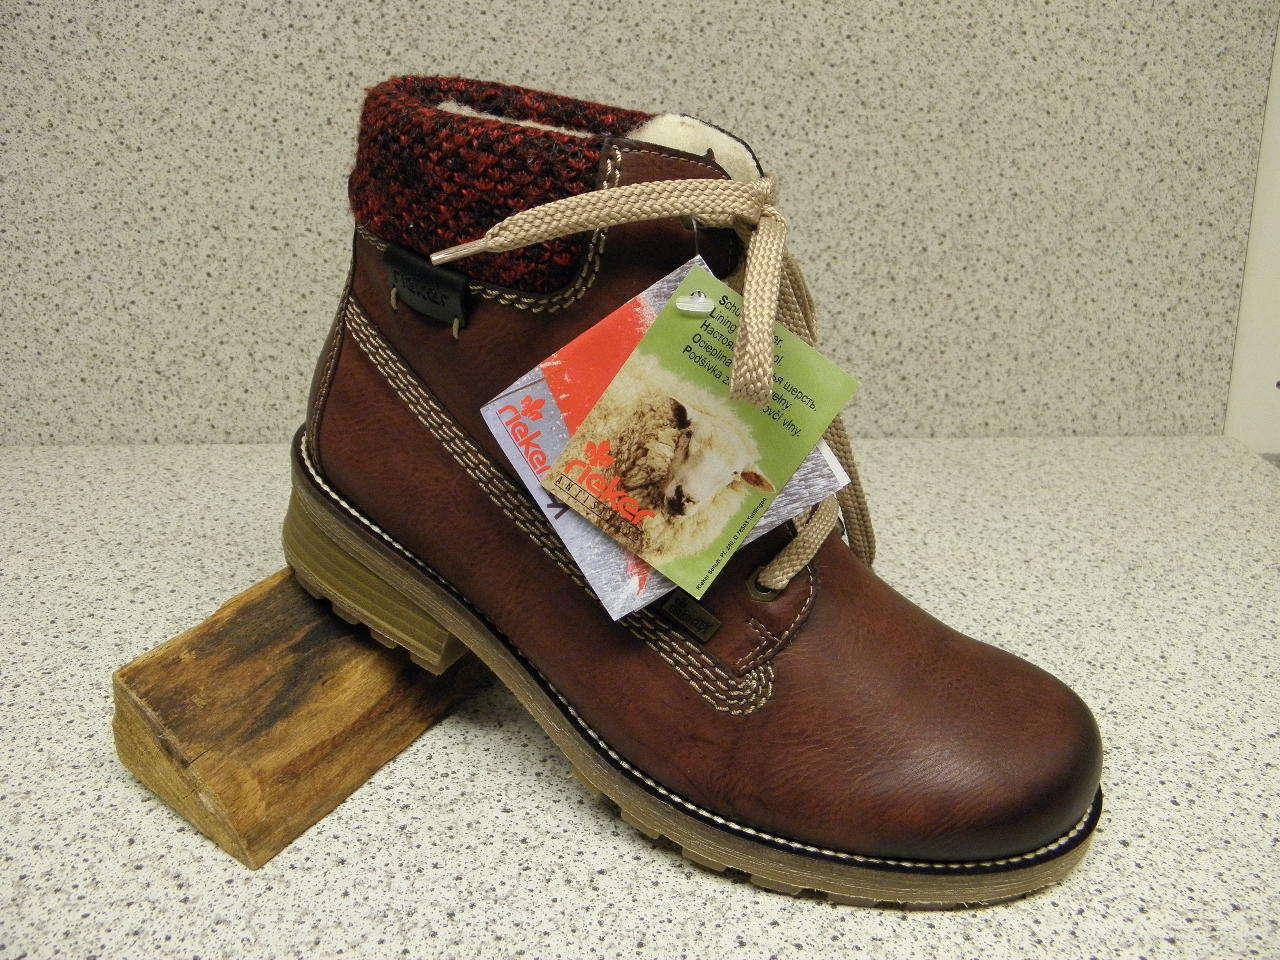 Rieker ® rojouce, hasta ahora ahora ahora  + gratis premium-calcetines z0422-36 (r319)  cómodo